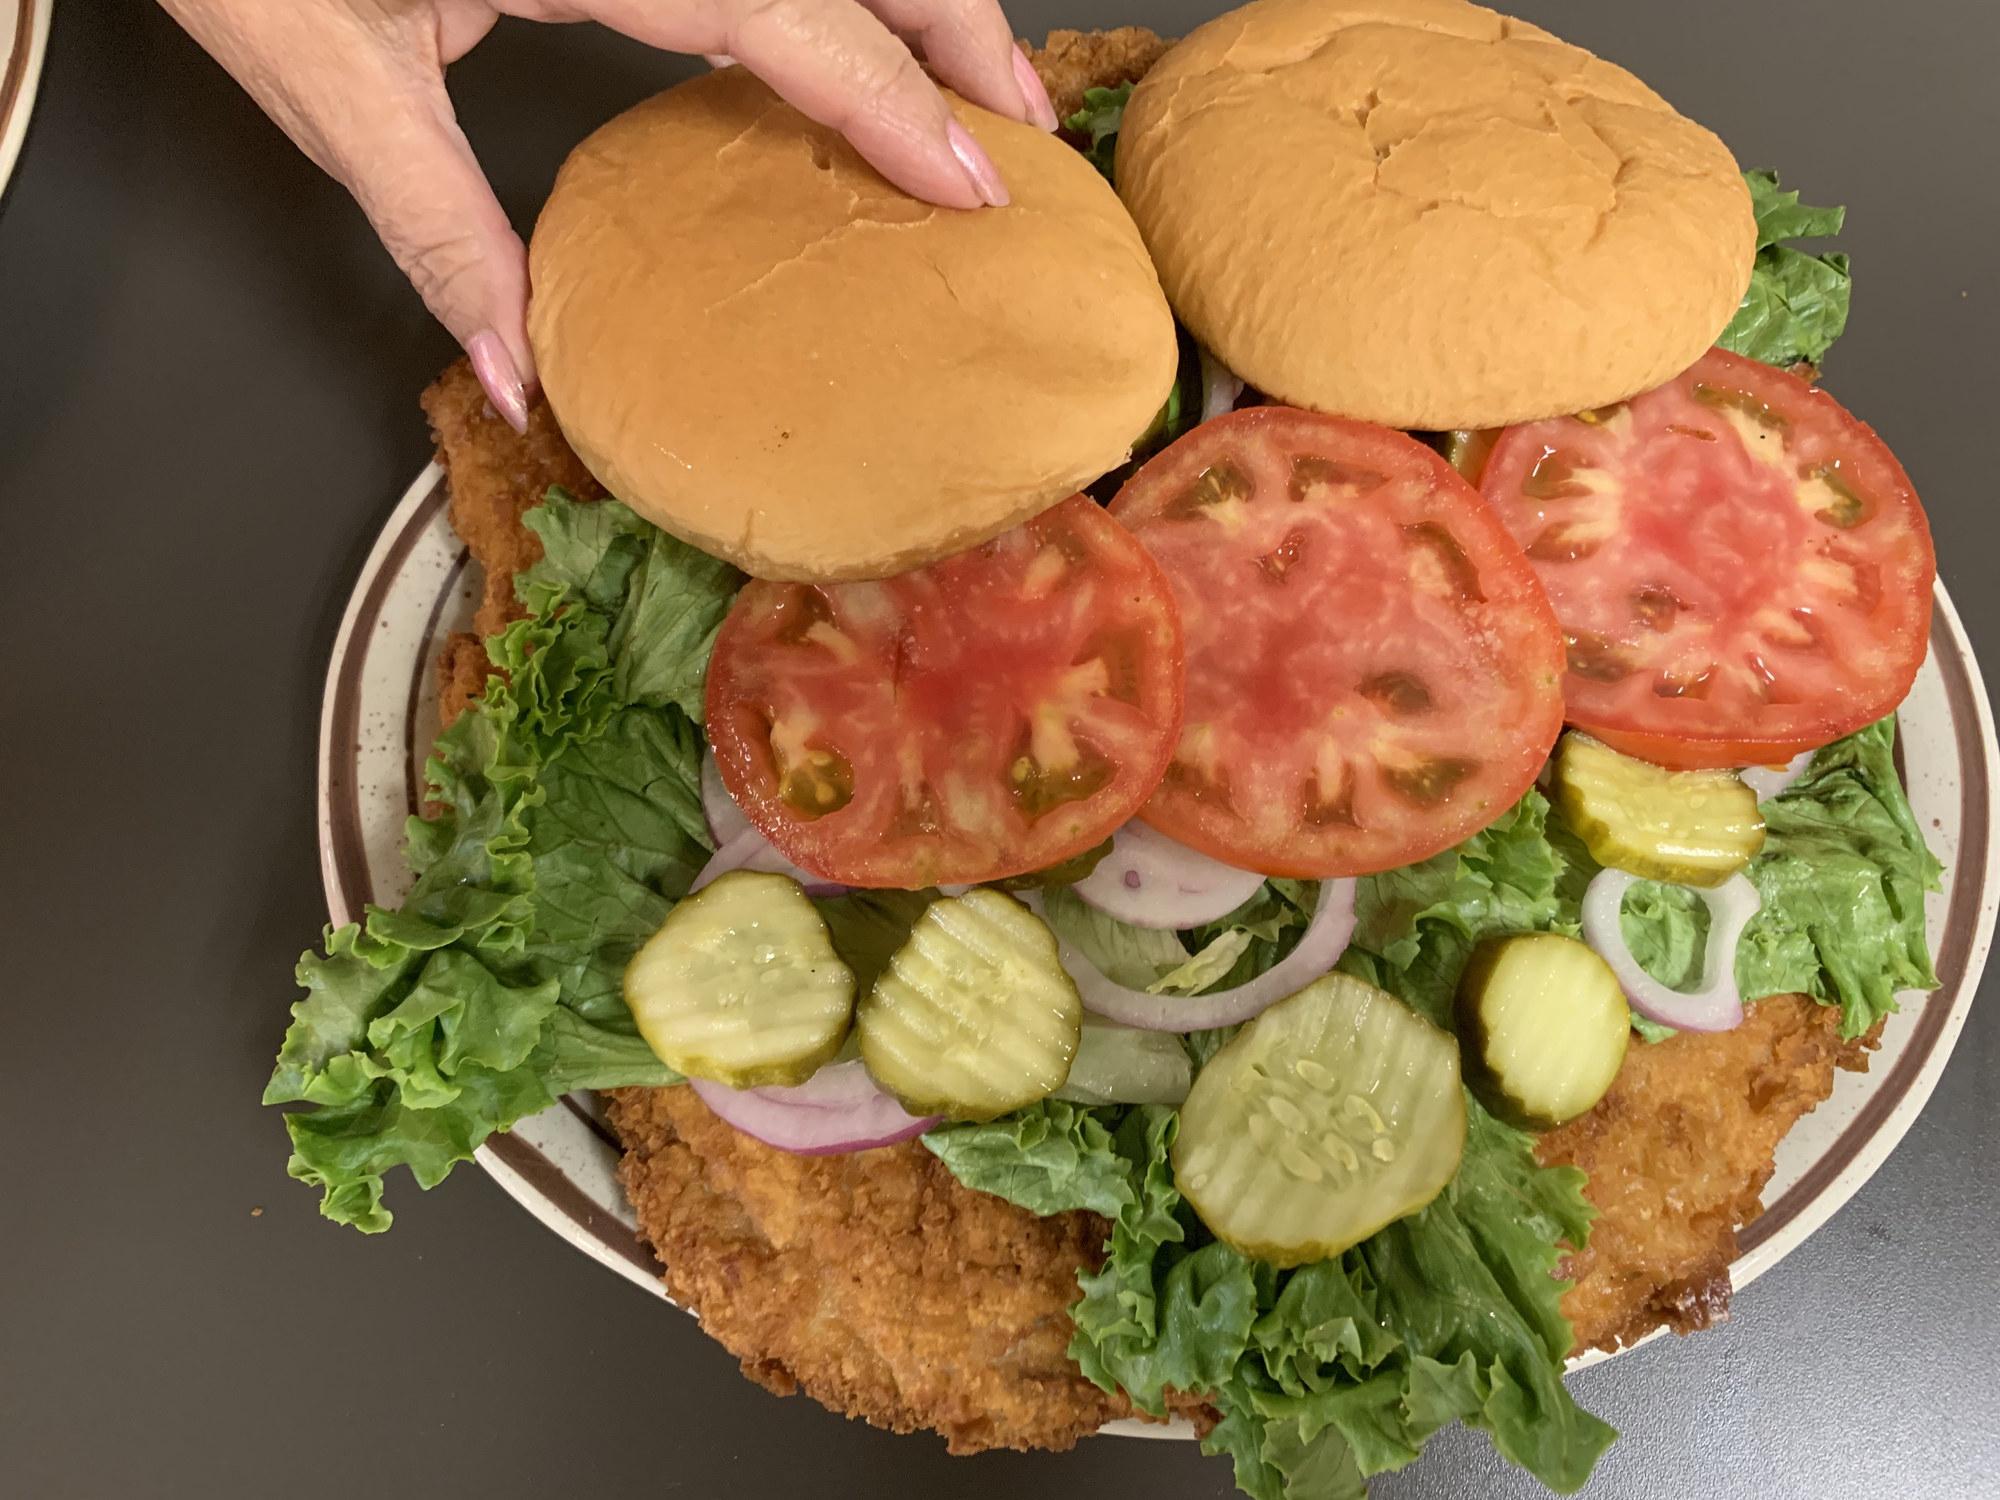 Oversize pork tenderloin sandwich